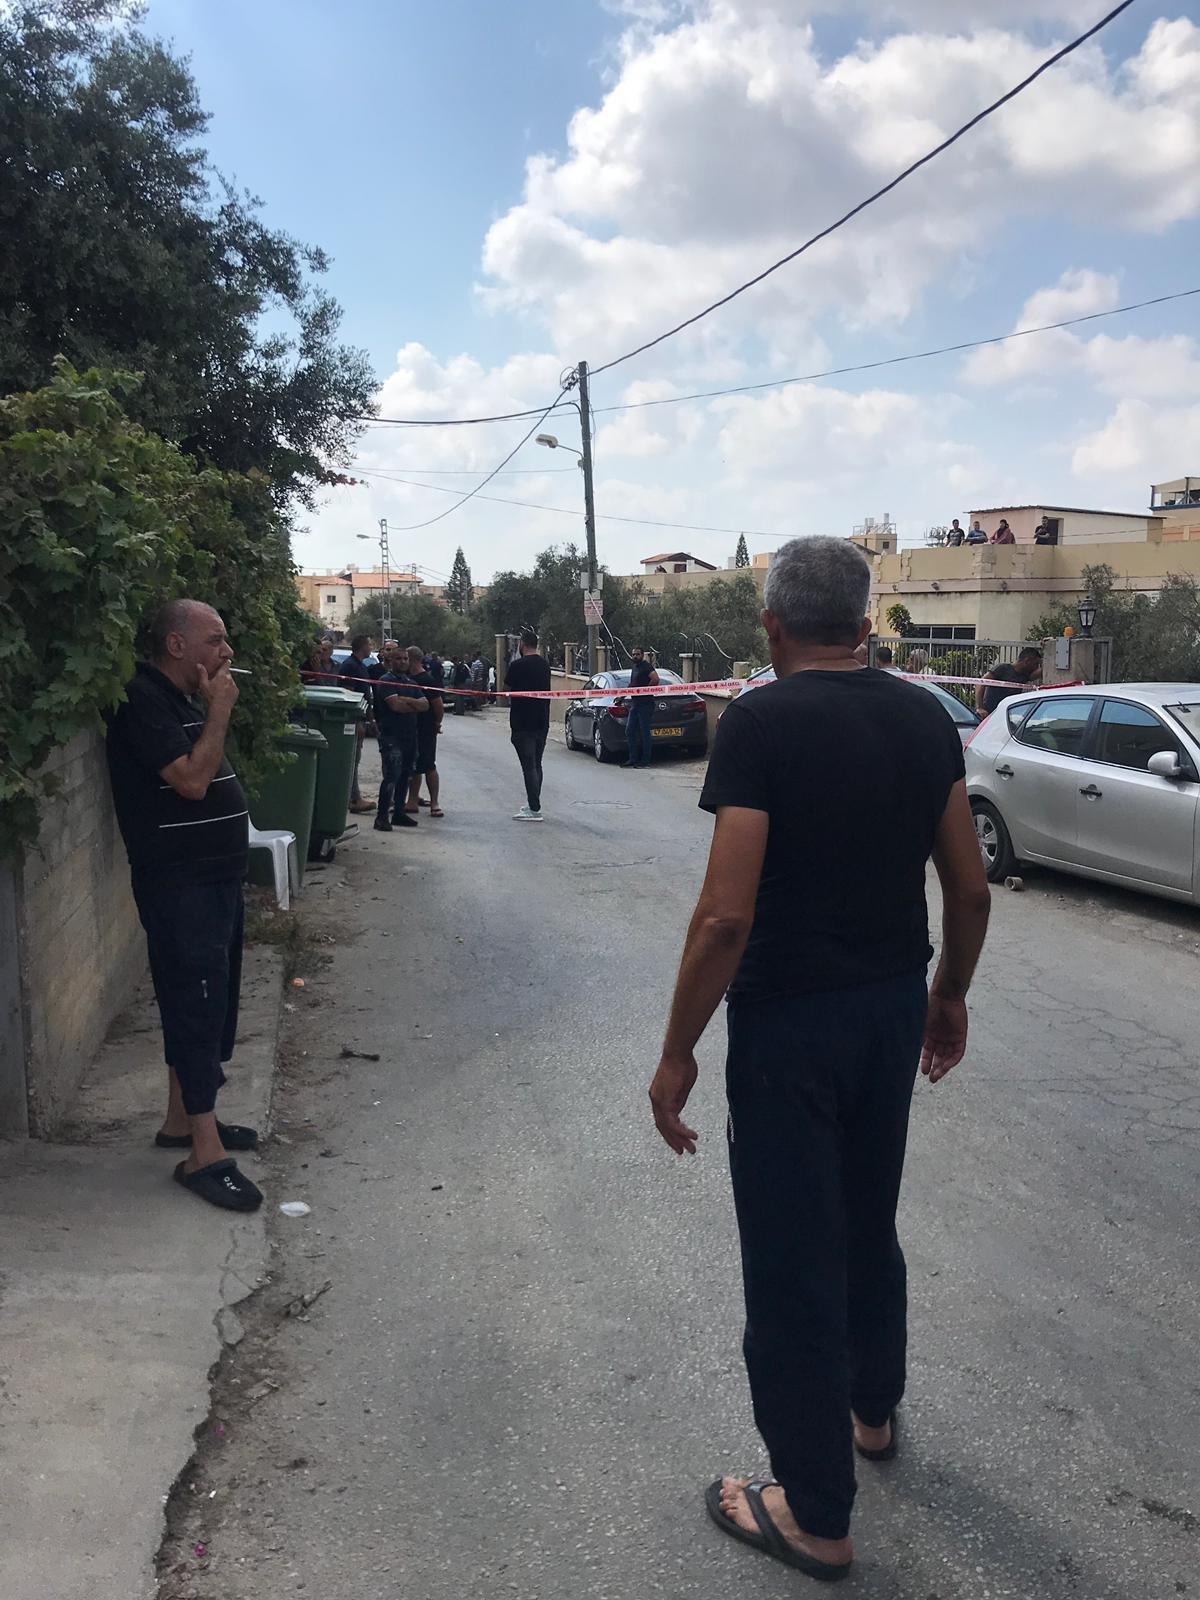 جديدة- المكر: مقتل امينة ياسين بعد تعرضها للطعن والشرطة تعتقل الزوج